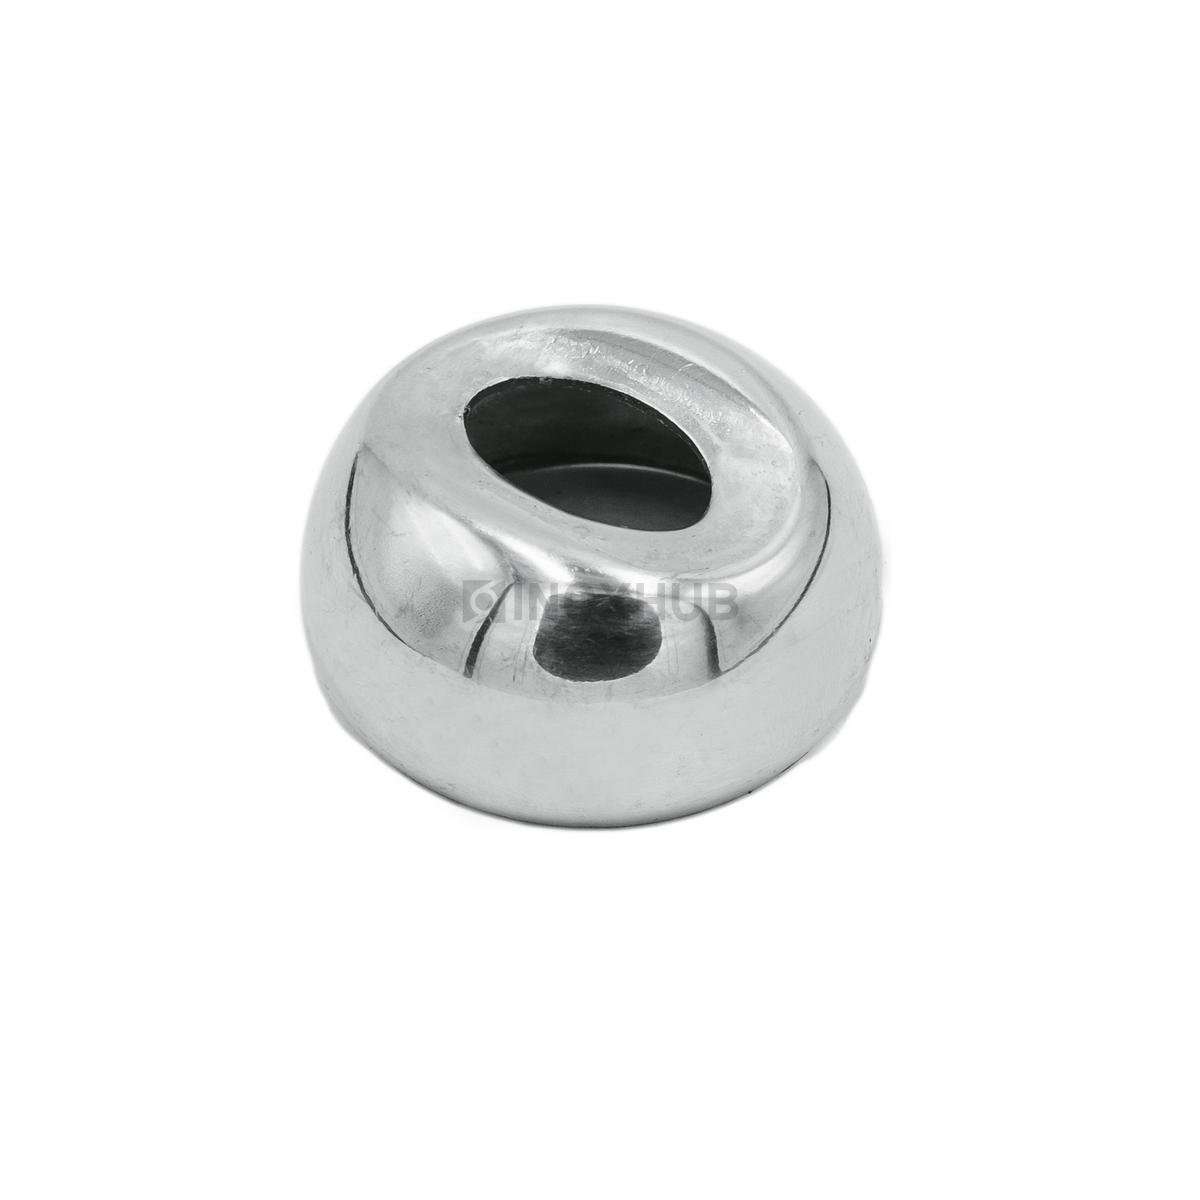 Соединение поручня со стойкой штамп. под 90°, Ø42.4 мм, AISI 304, GRIT 600